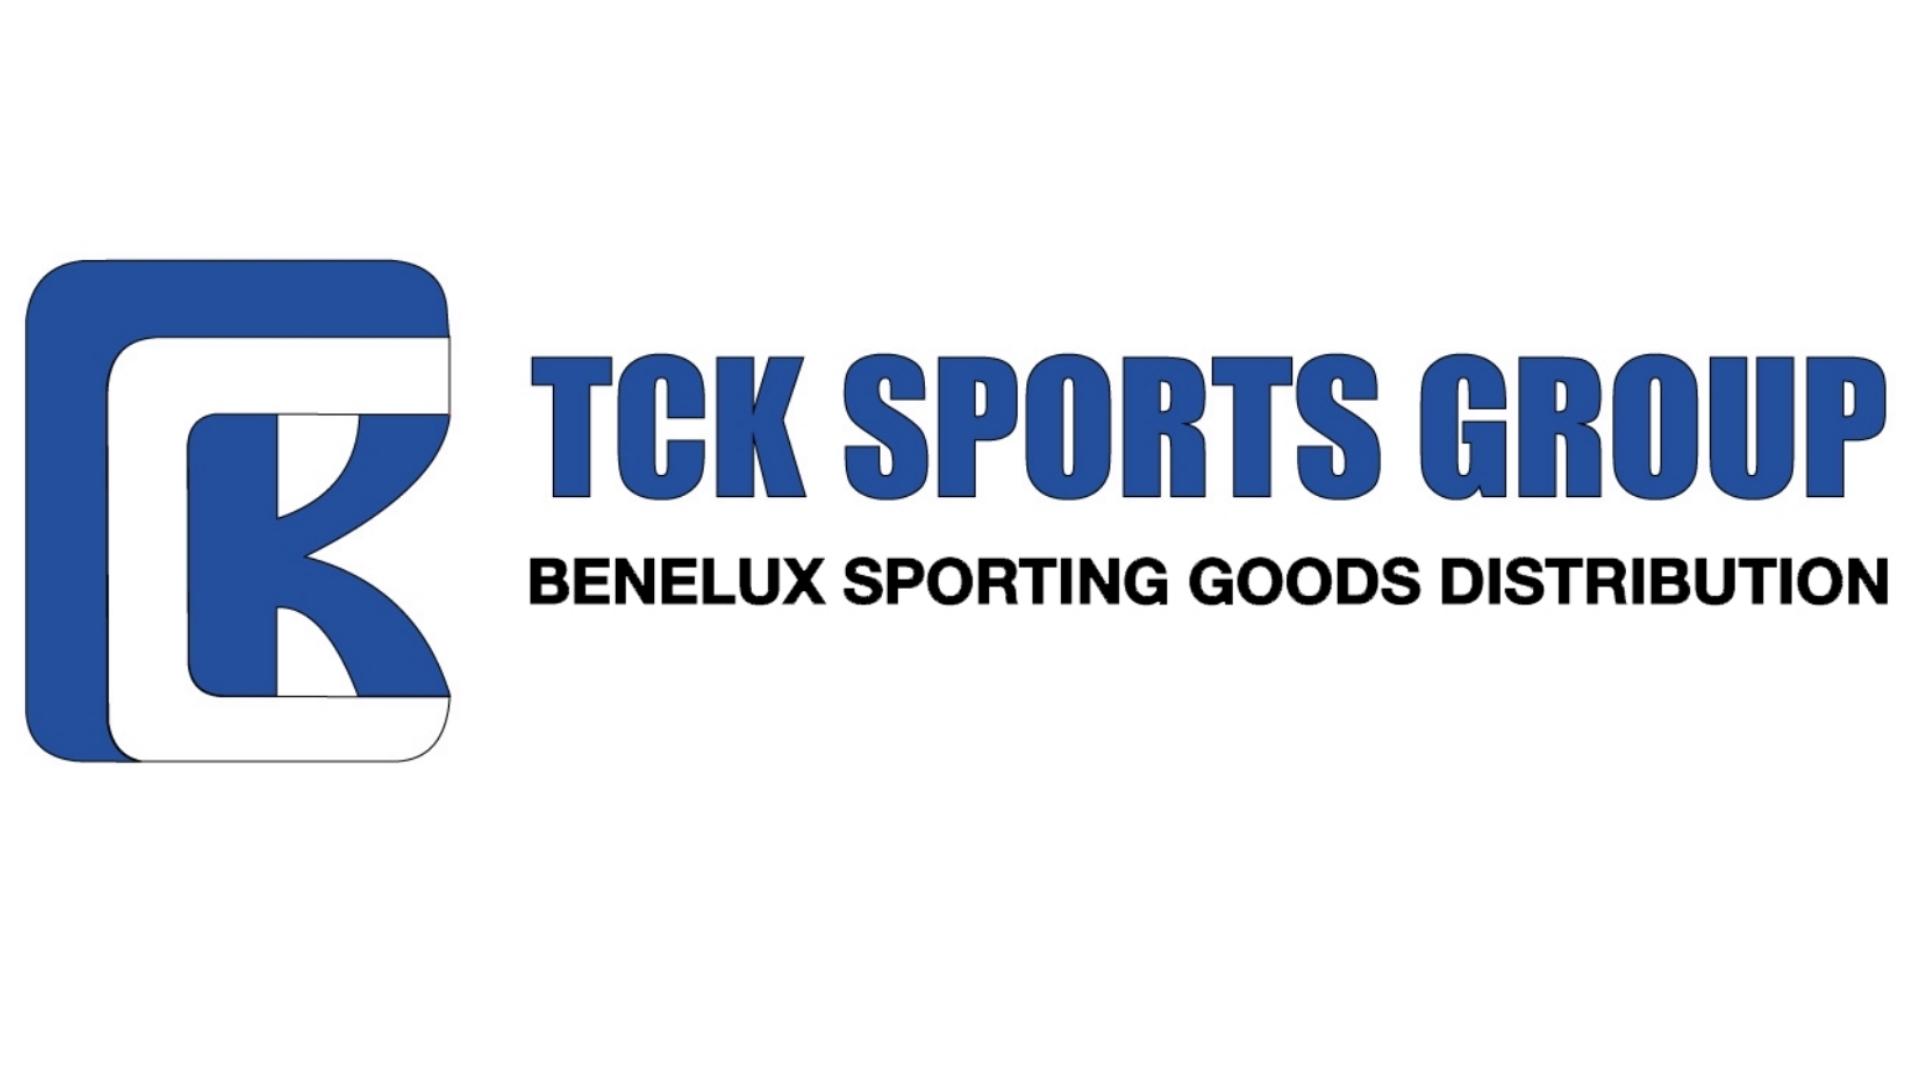 TCK-SPORTS